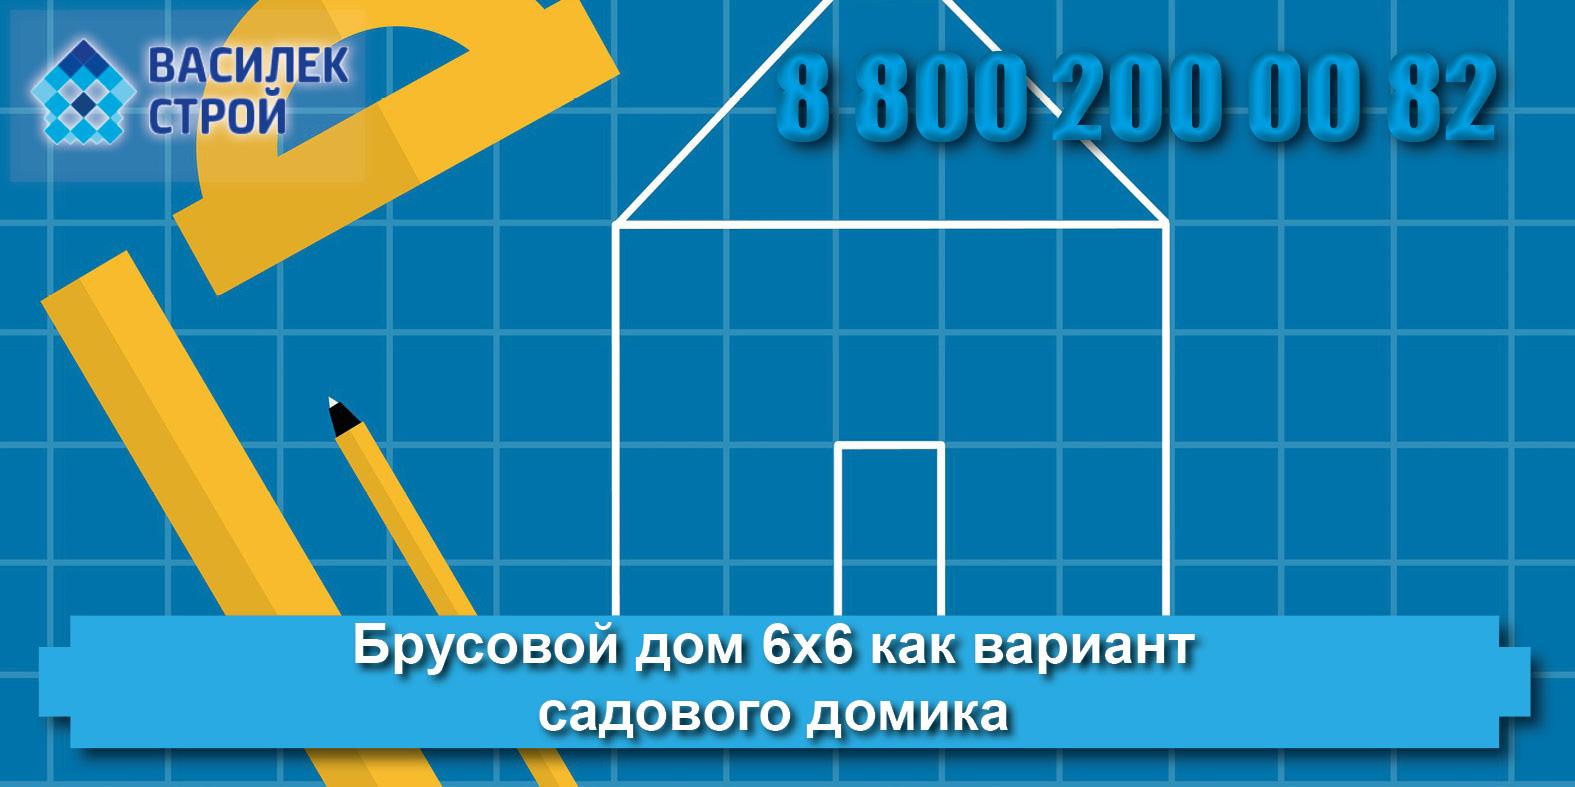 Недорогие садовые брусовые дома 6х6 или брусовые каркасные дома: что выбрать для садового участка